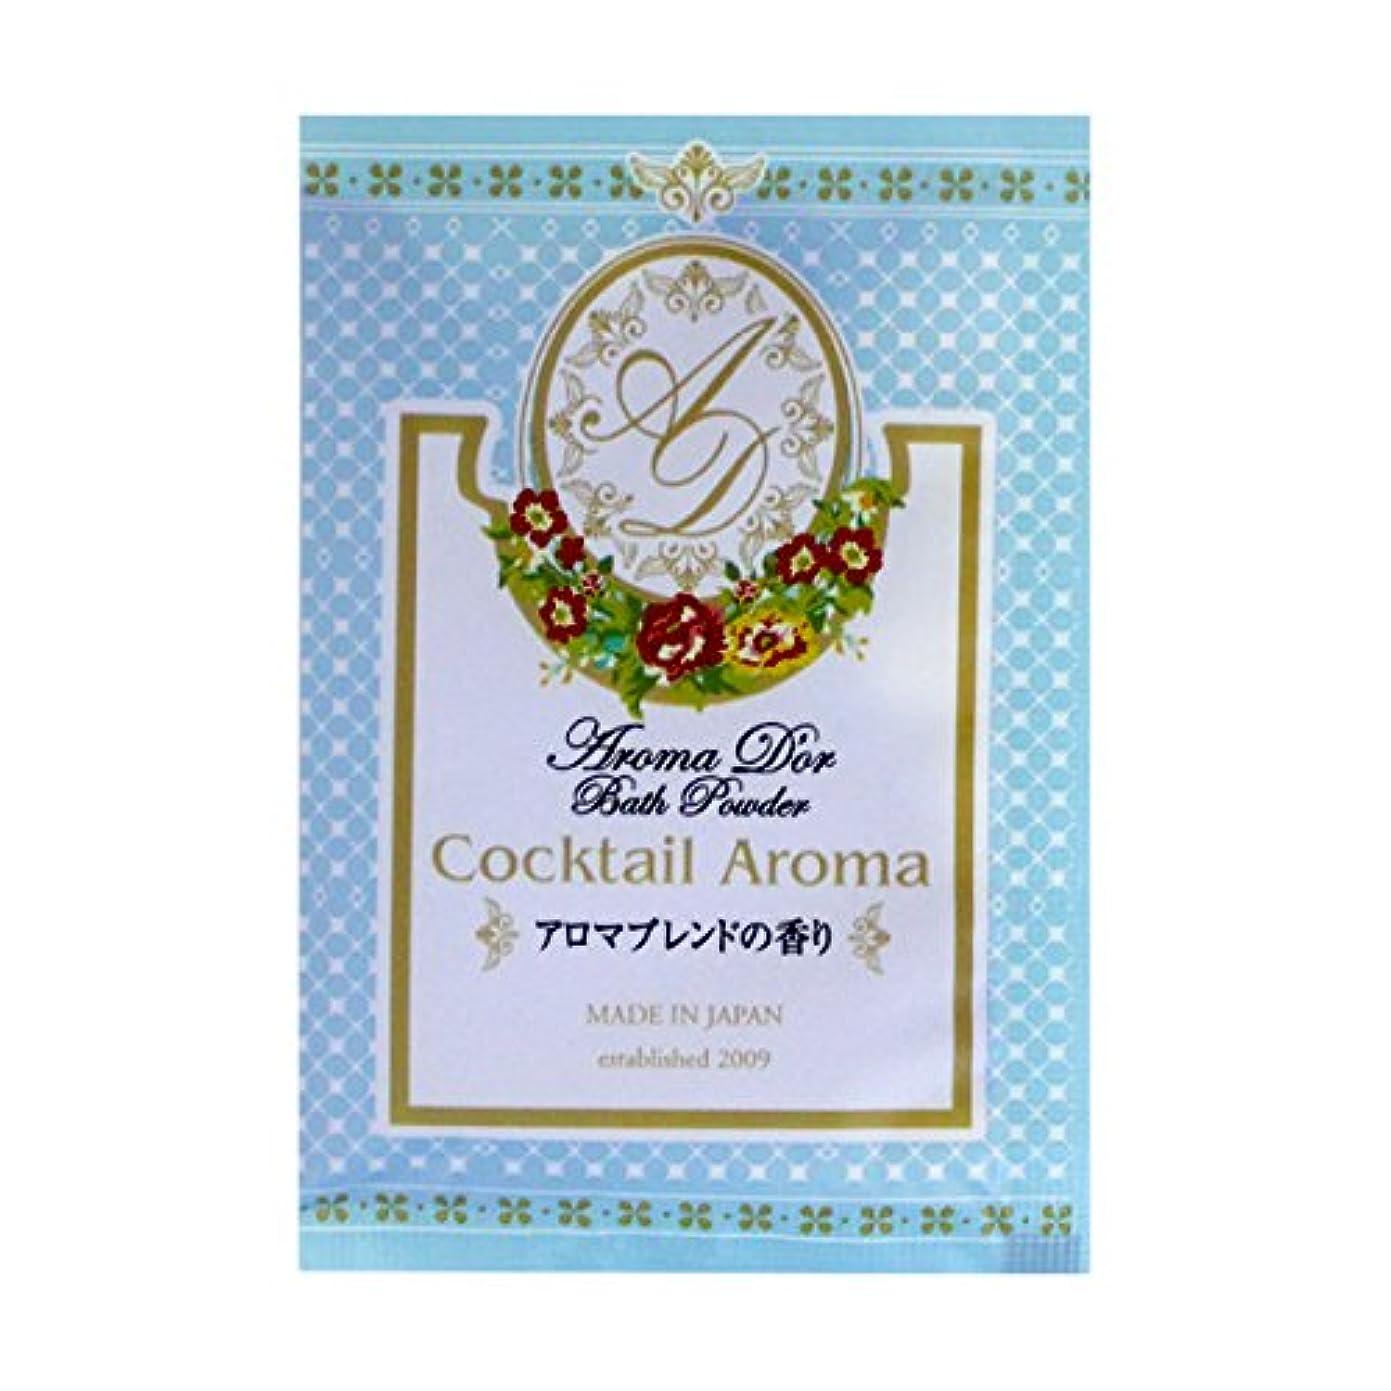 写真デンプシーショートカット入浴剤 アロマドールバスパウダー 「アロマブレンドの香り」30個